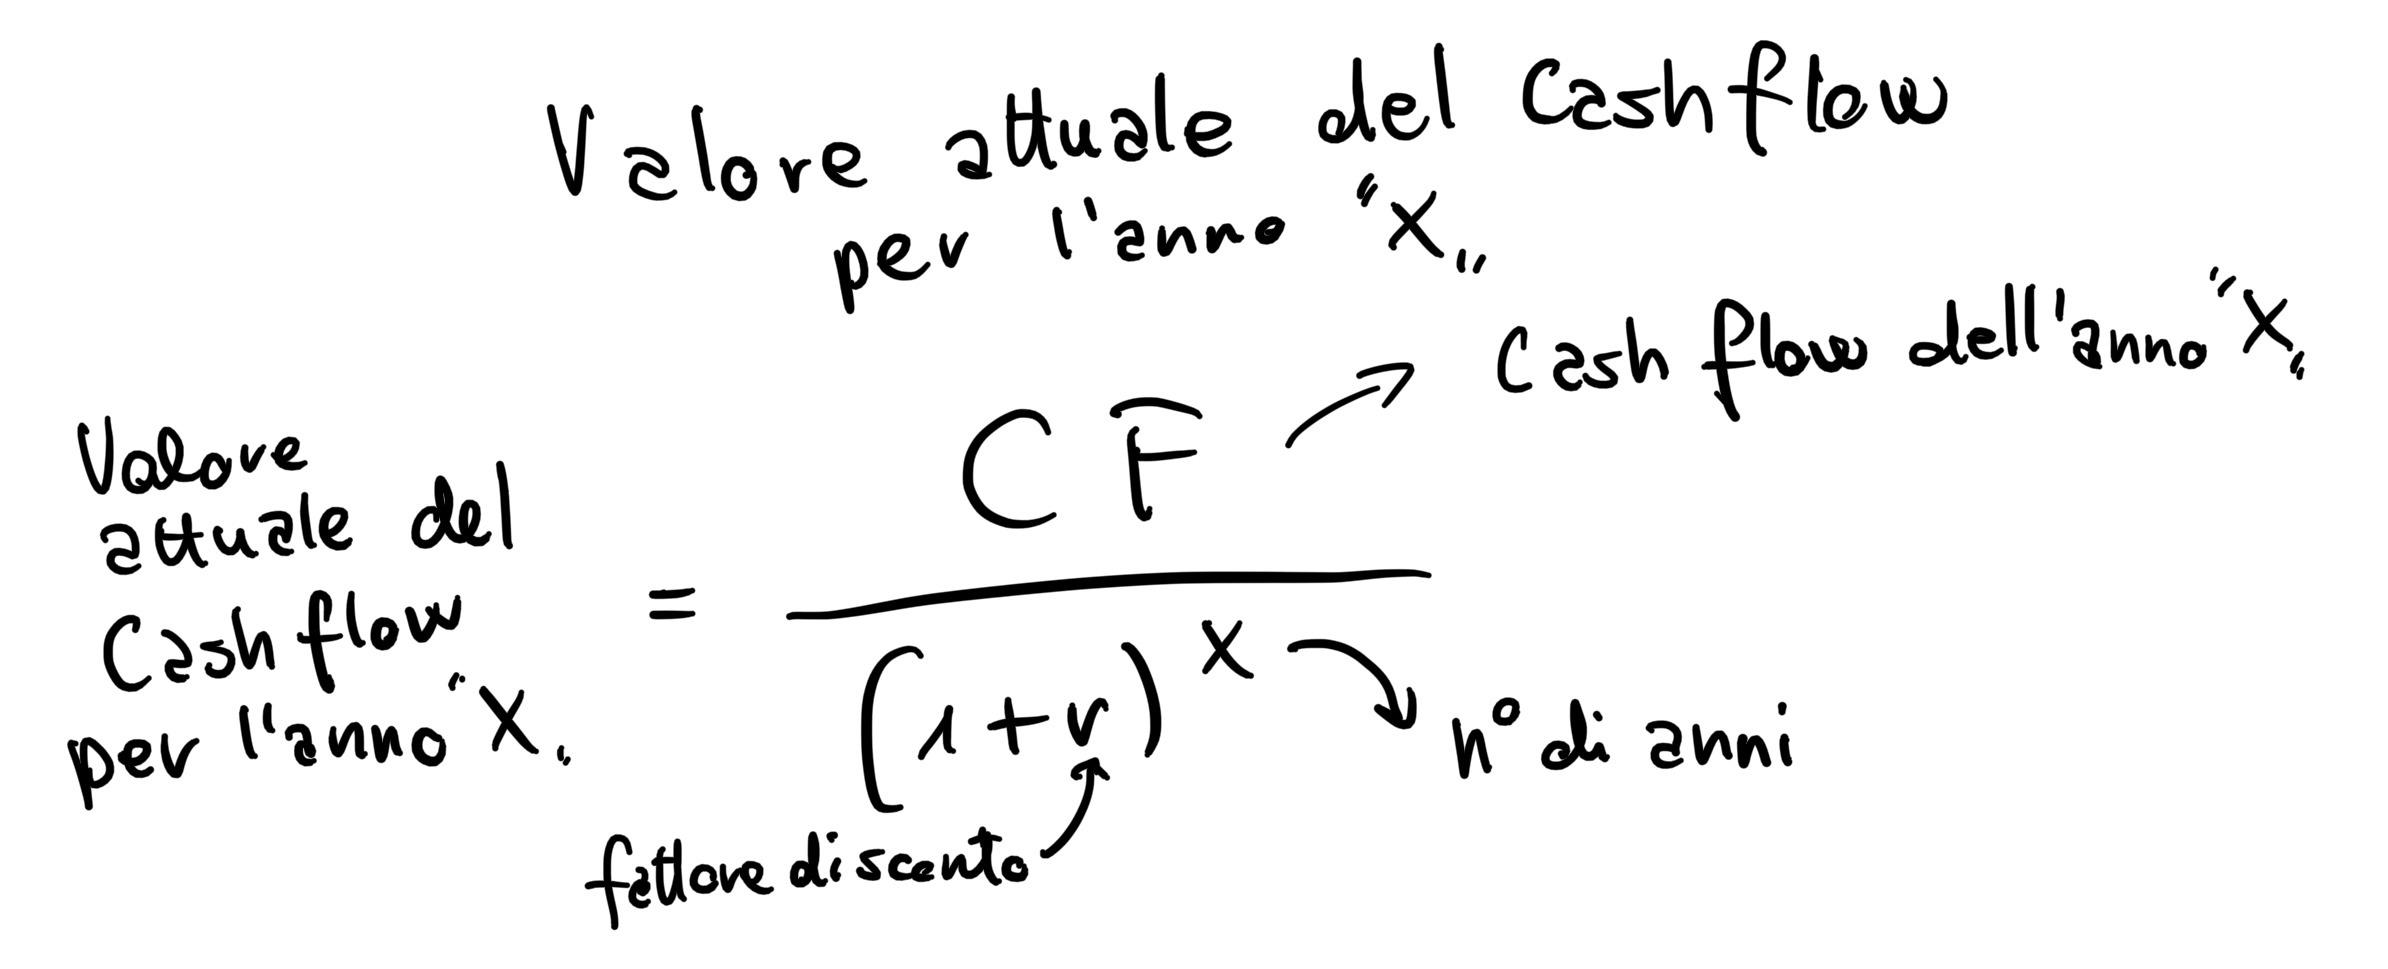 valore attuale cash flow